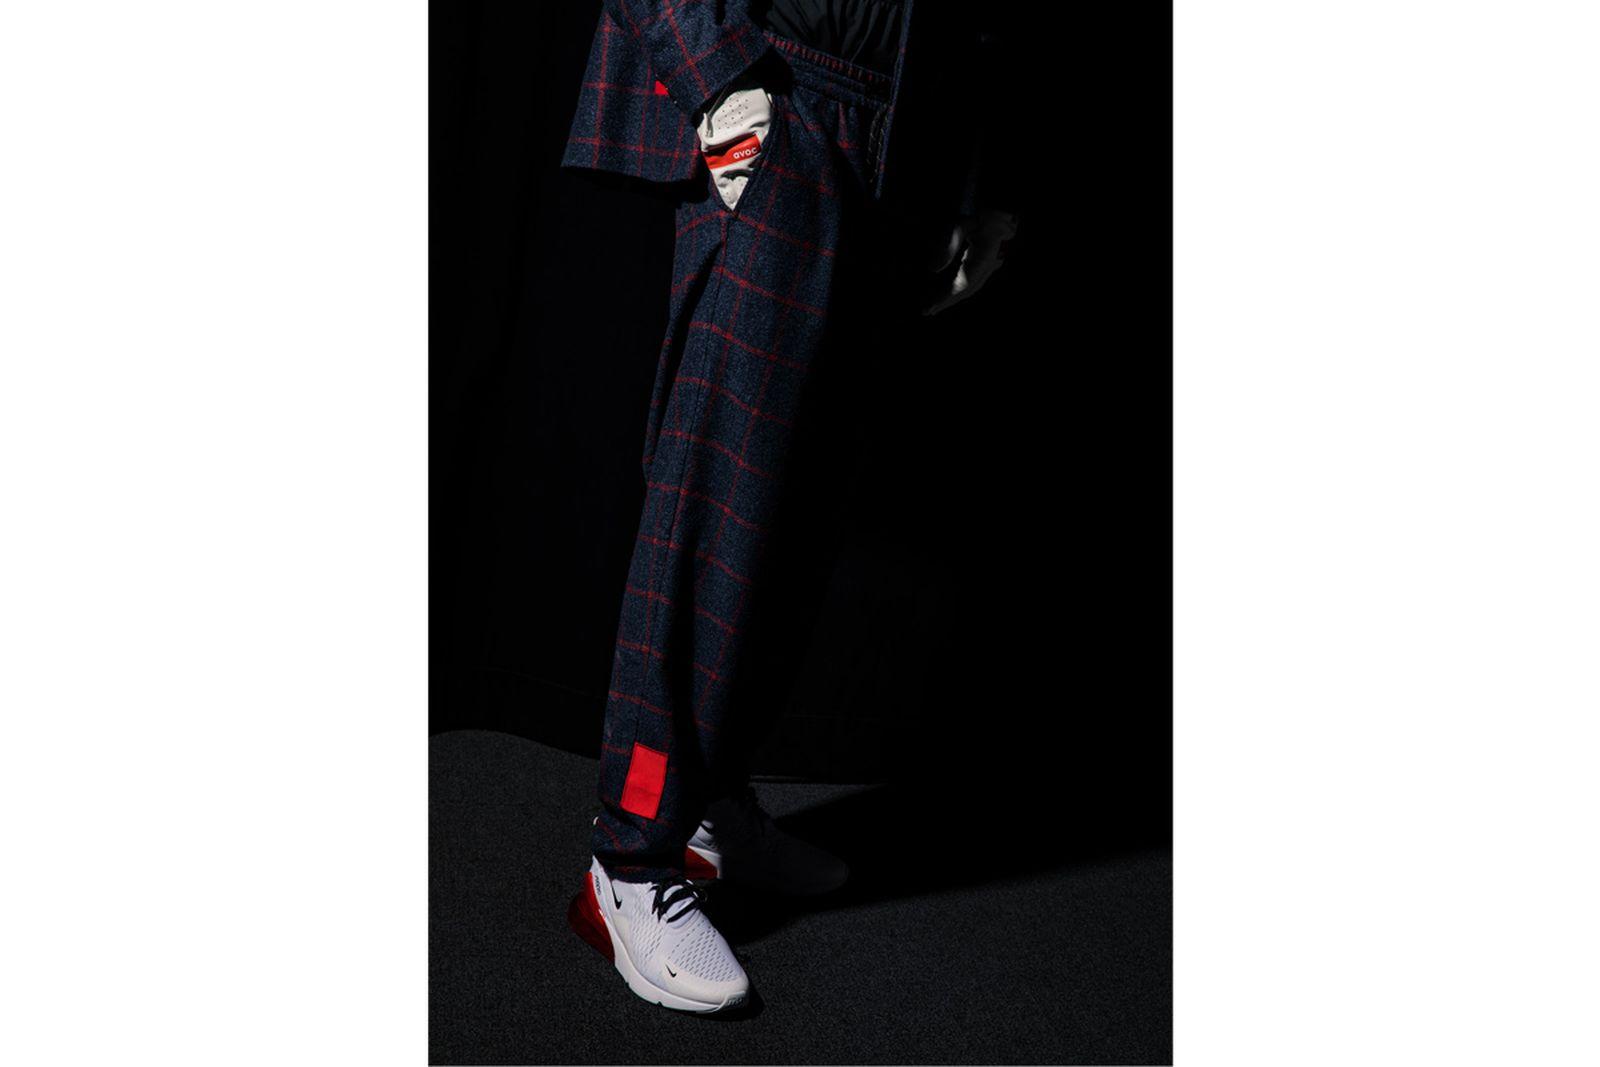 fw18 fashion week best sneakers 2Chainz Maison Margiela Nike